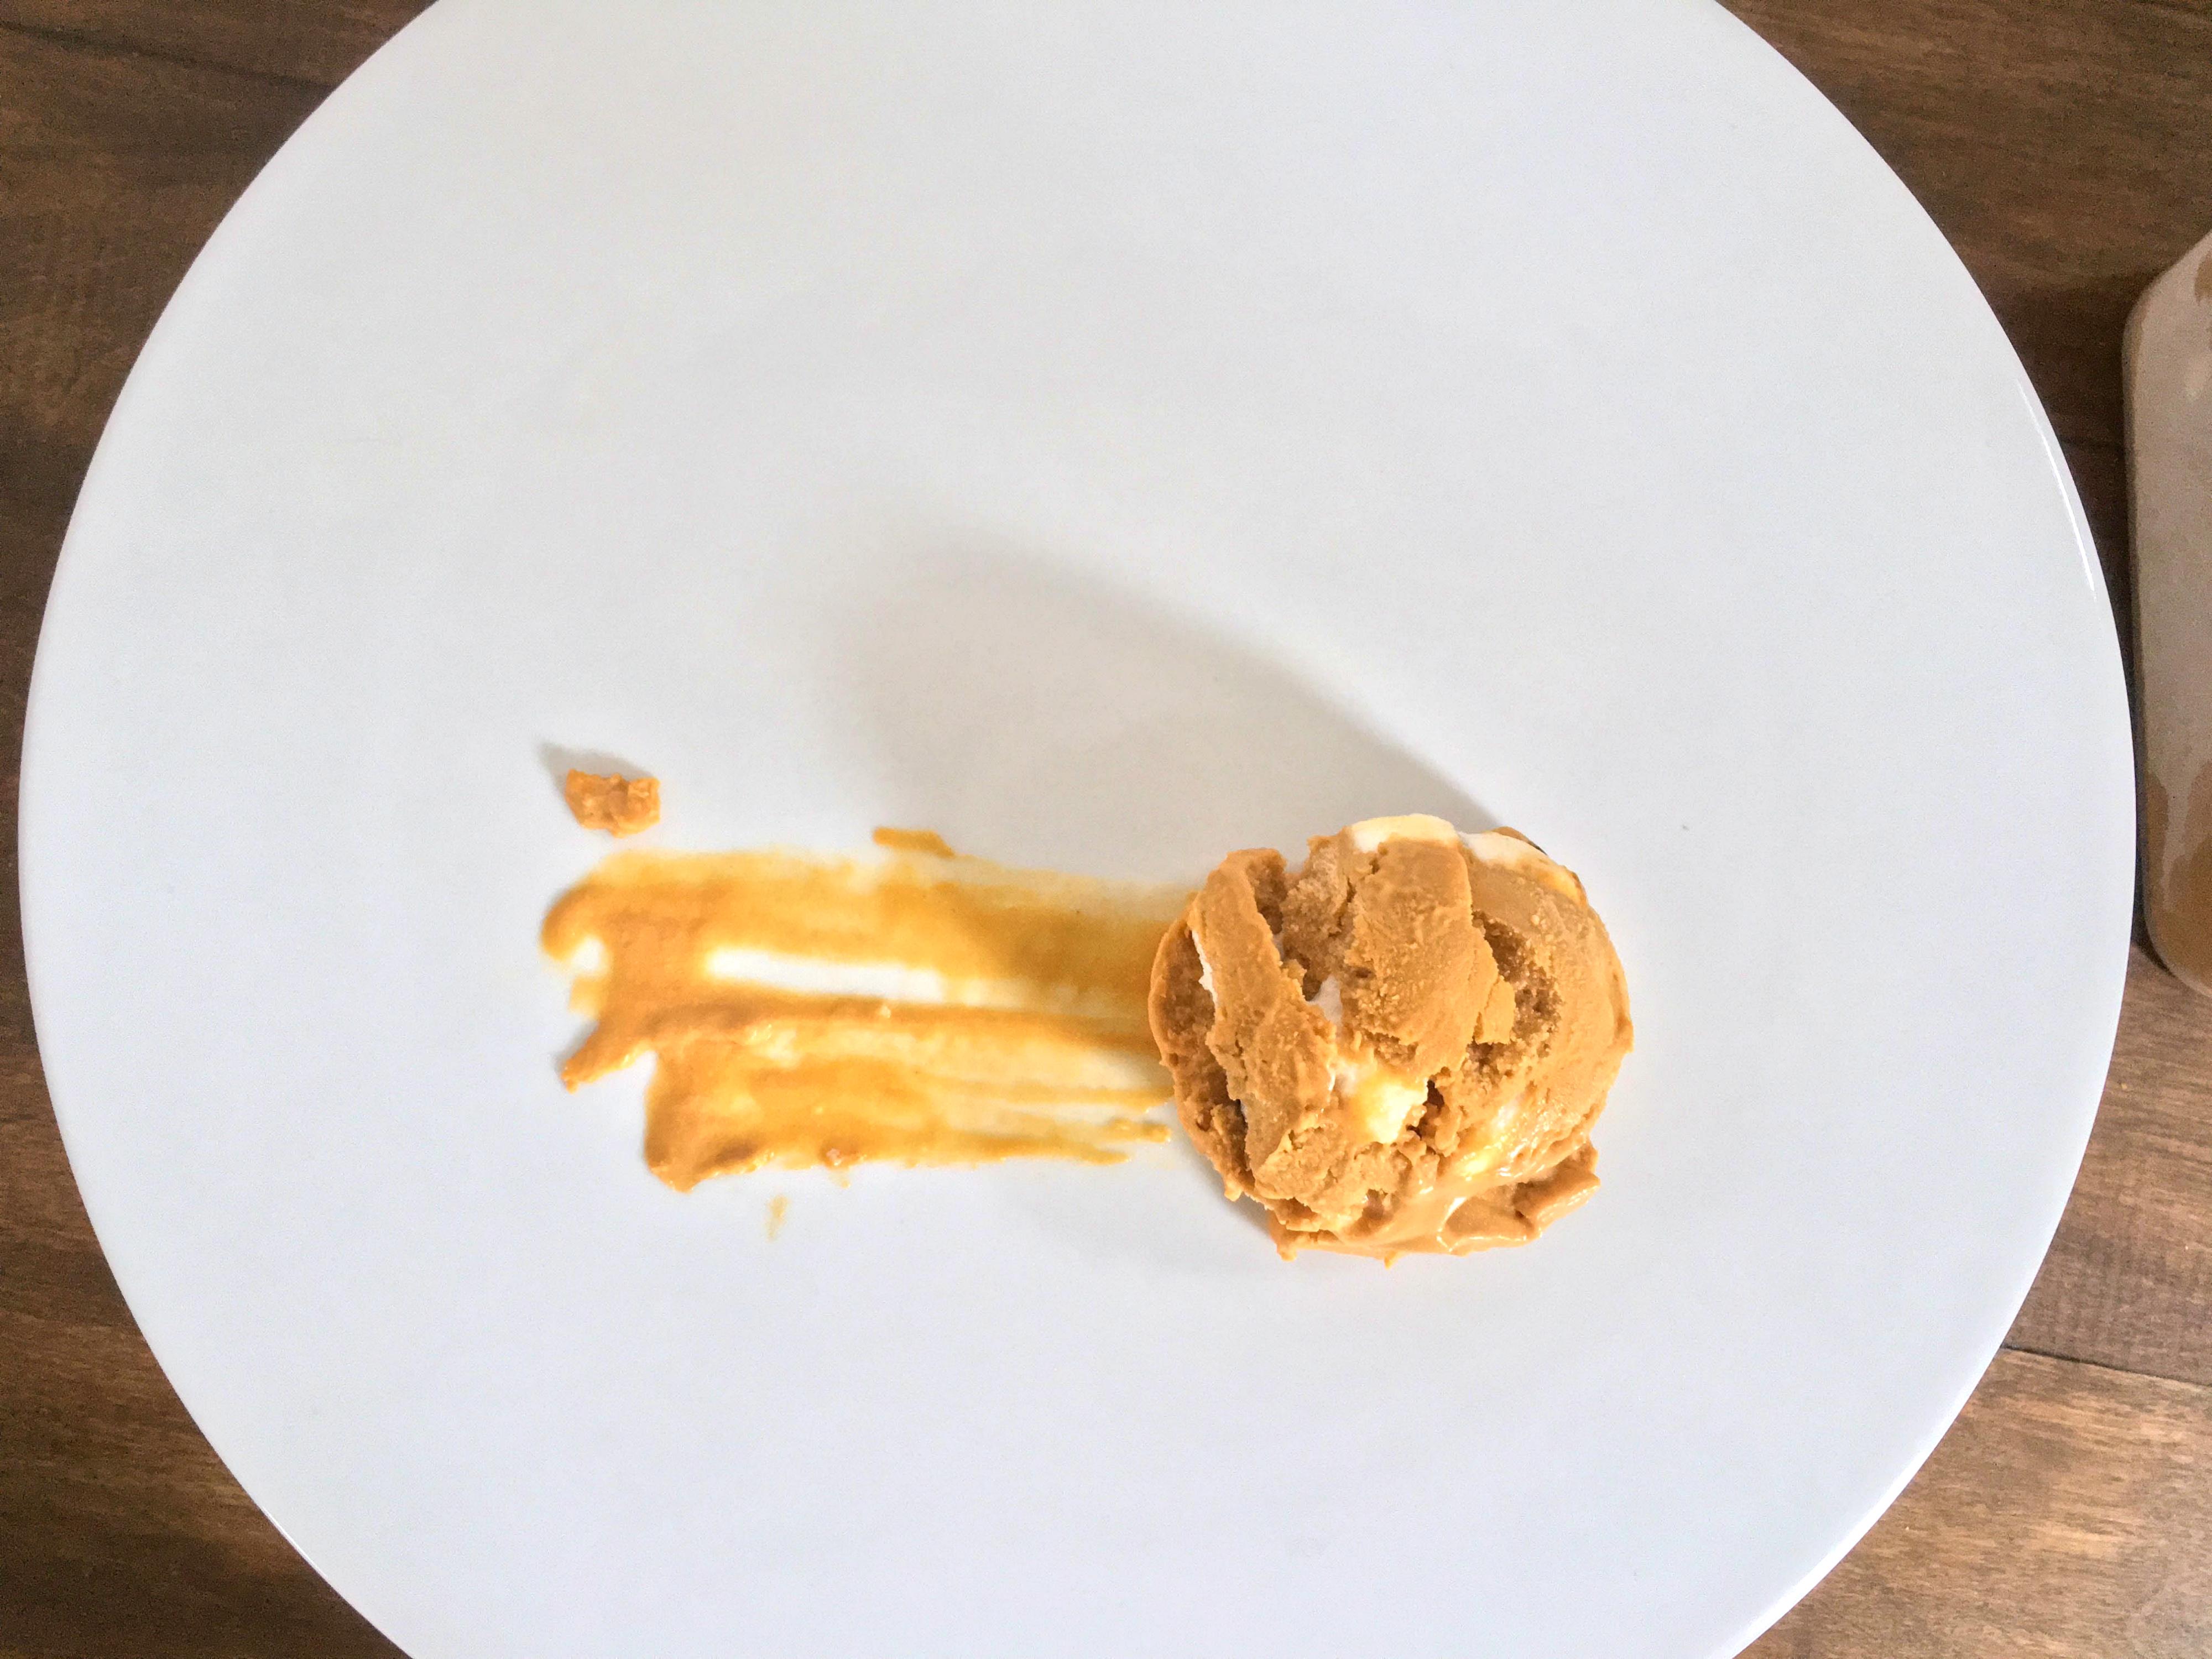 jenis sweet potato ice cream 2